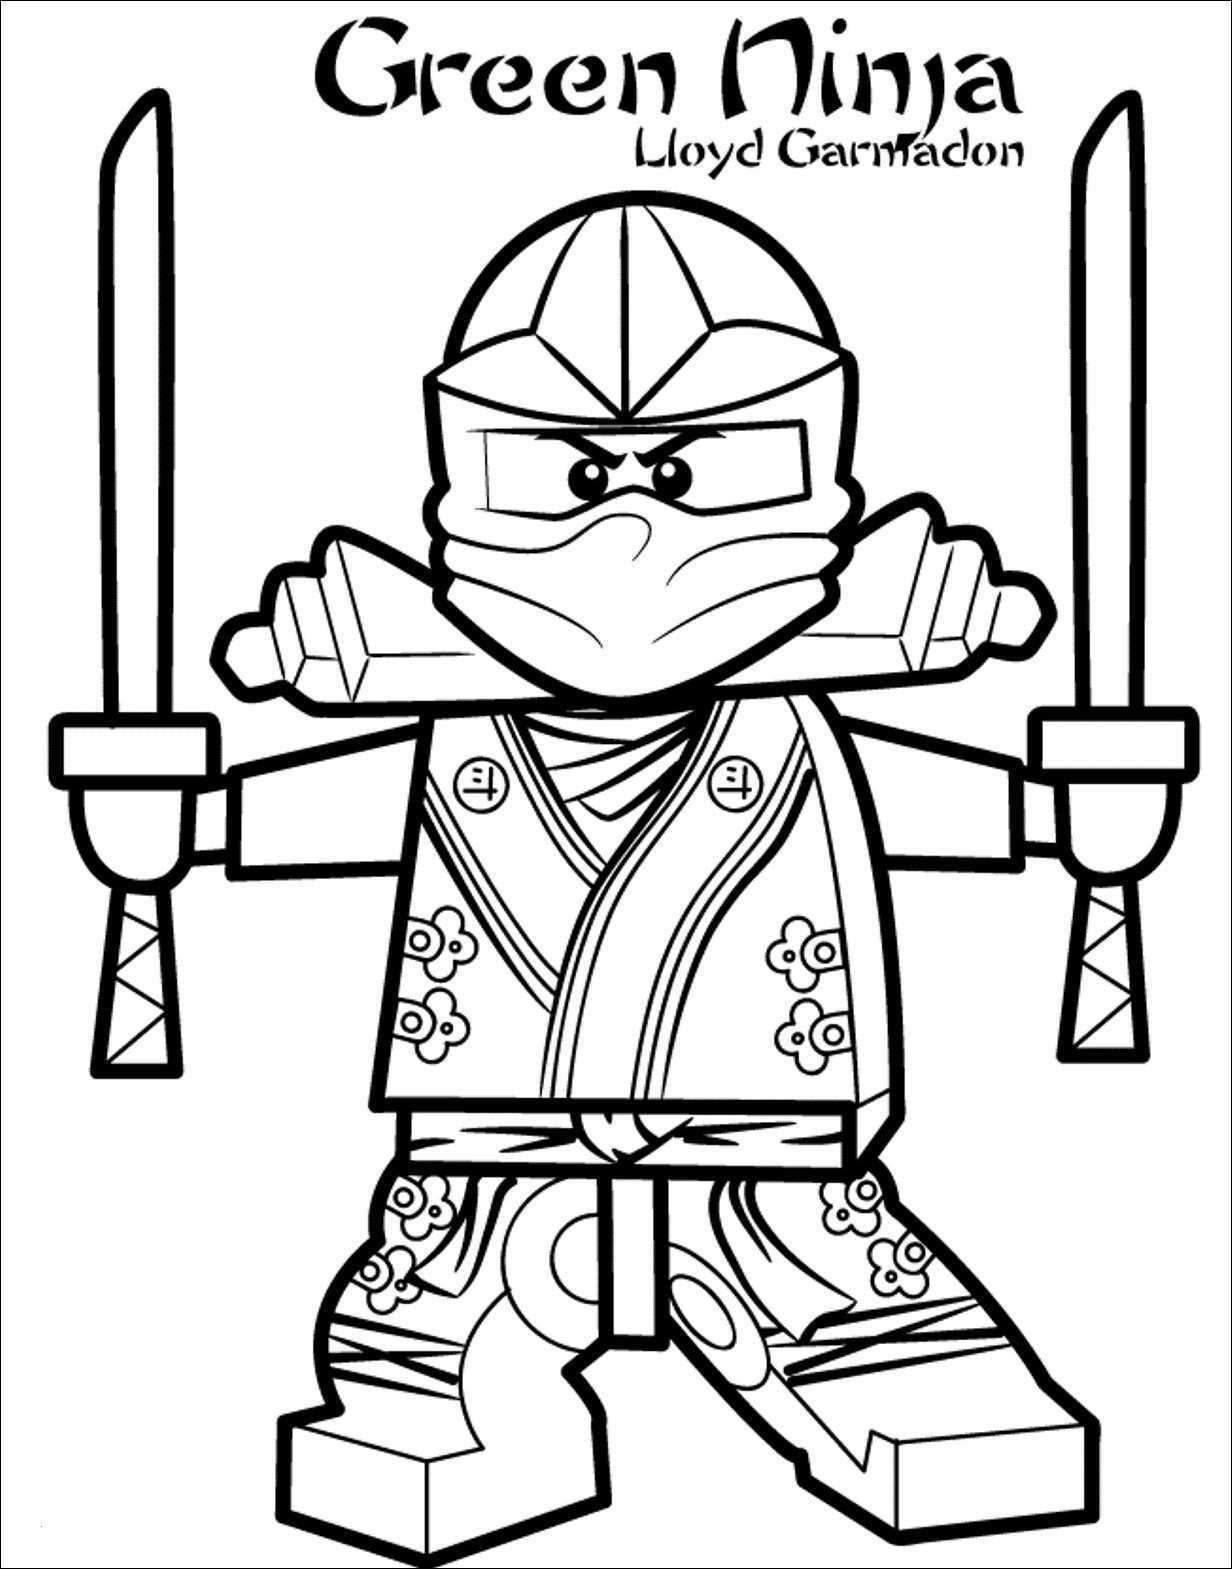 Ausmalbilder Ninjago Lloyd Genial Ausmalbilder Ninjago Zum Ausdrucken Image Ninjago Lloyd Ausmalbilder Sammlung